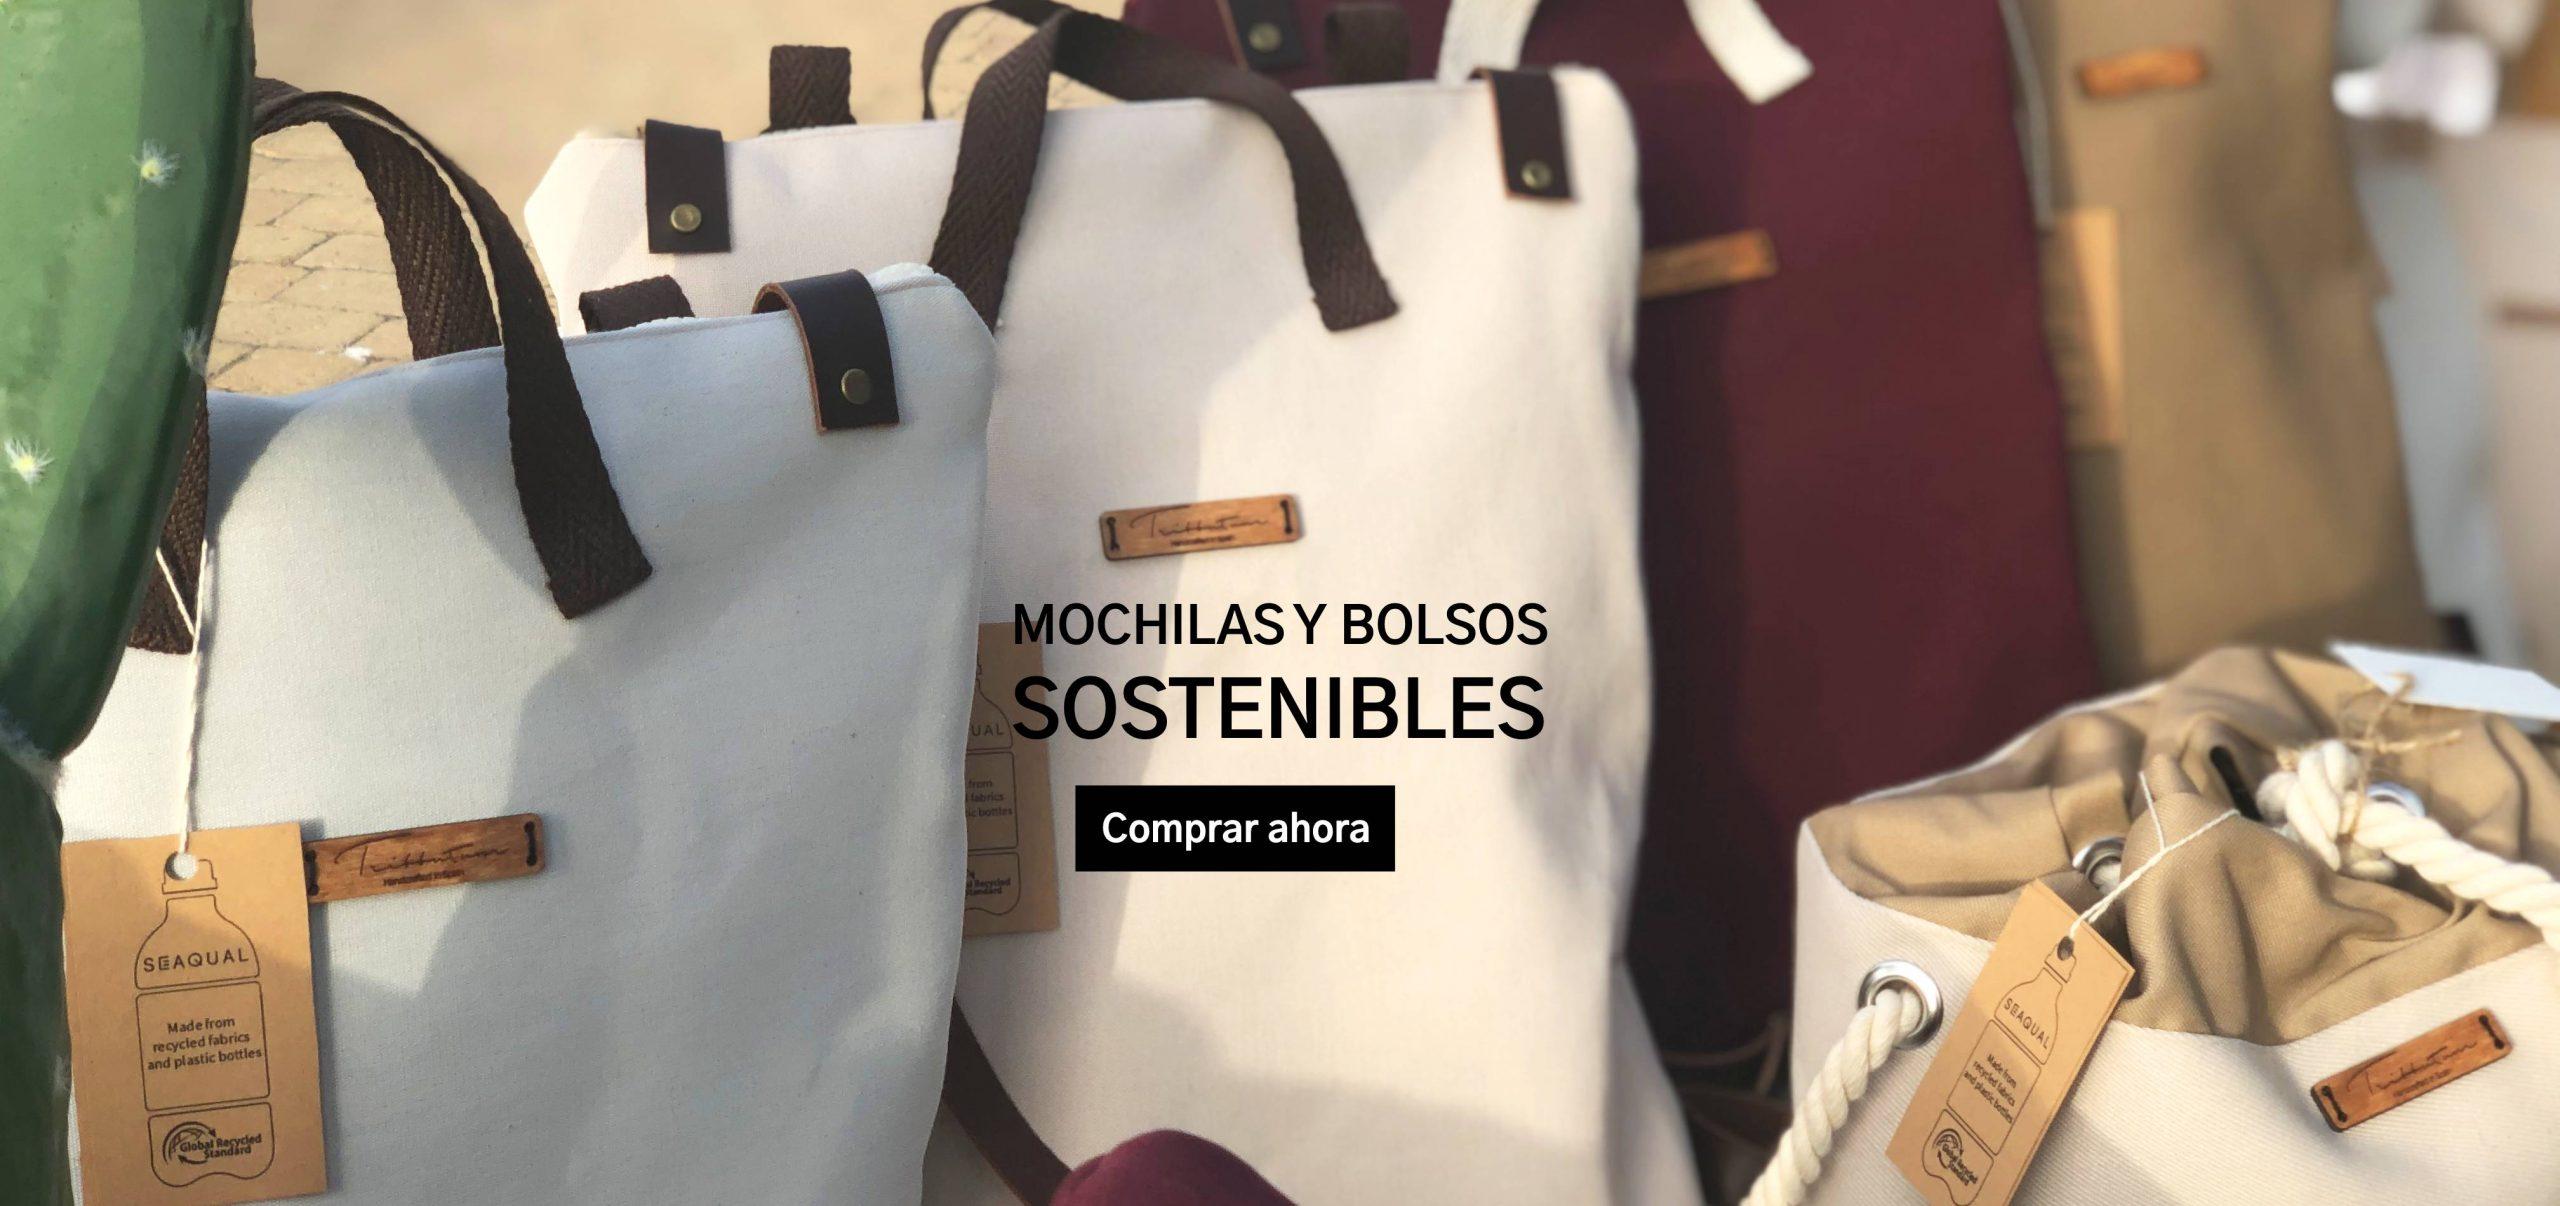 Banner mochilas y bolsos reciclados sostenibles